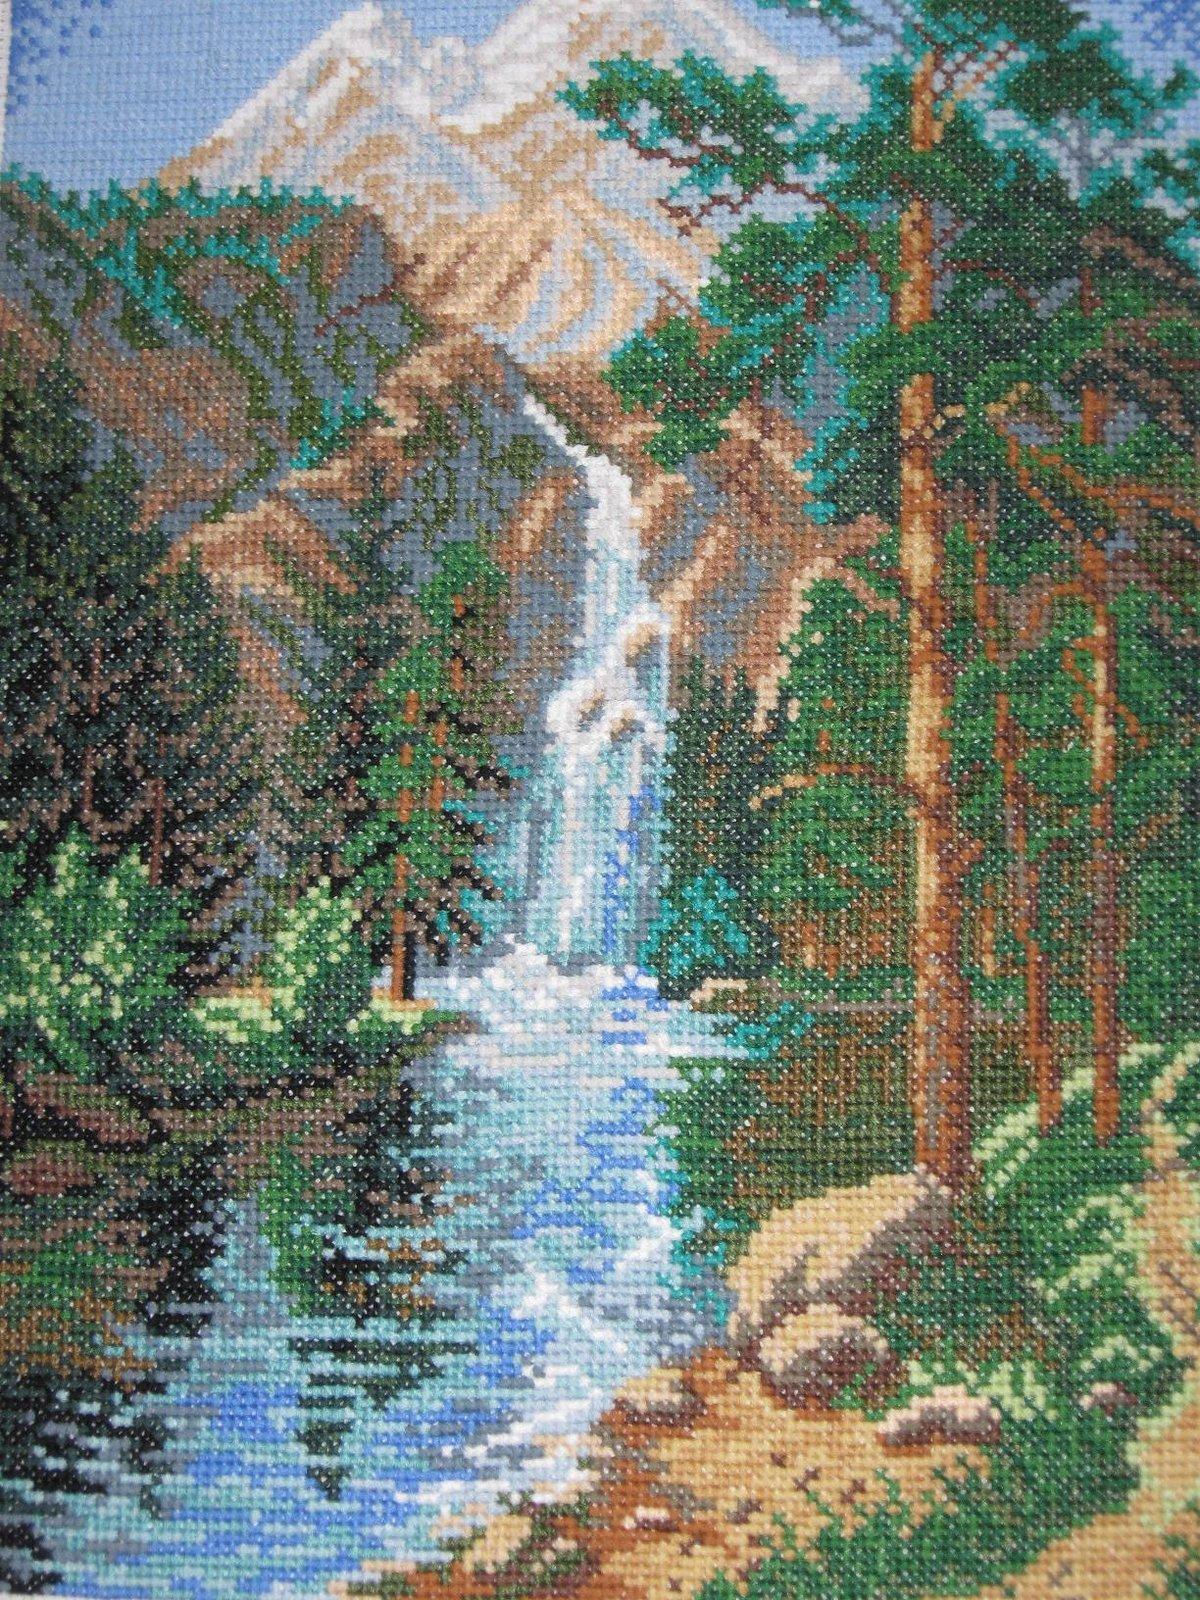 Водопады схемы вышивки крестом 50